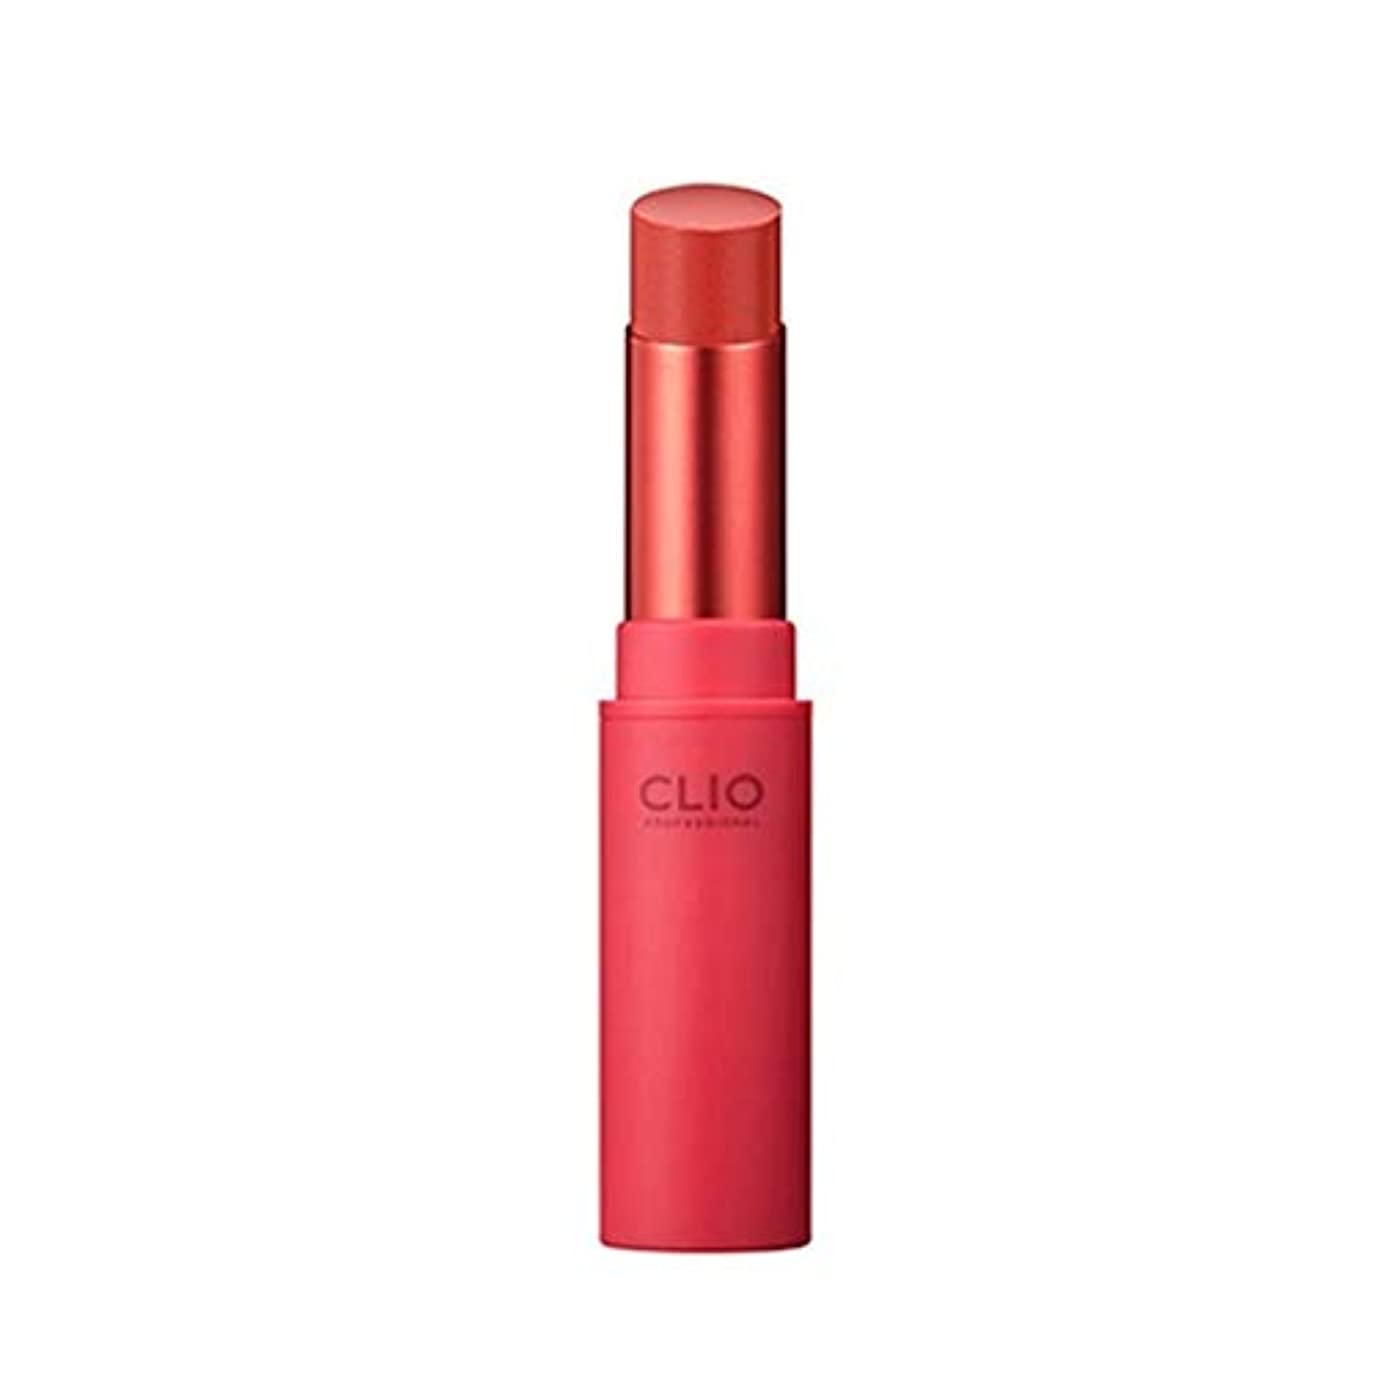 百万悪魔悲観的クリオマッドマットリップADリップスティック韓国コスメ、Clio Mad Matte Lips AD Lipstick Korean Cosmetics [並行輸入品] (23. lingerie show)